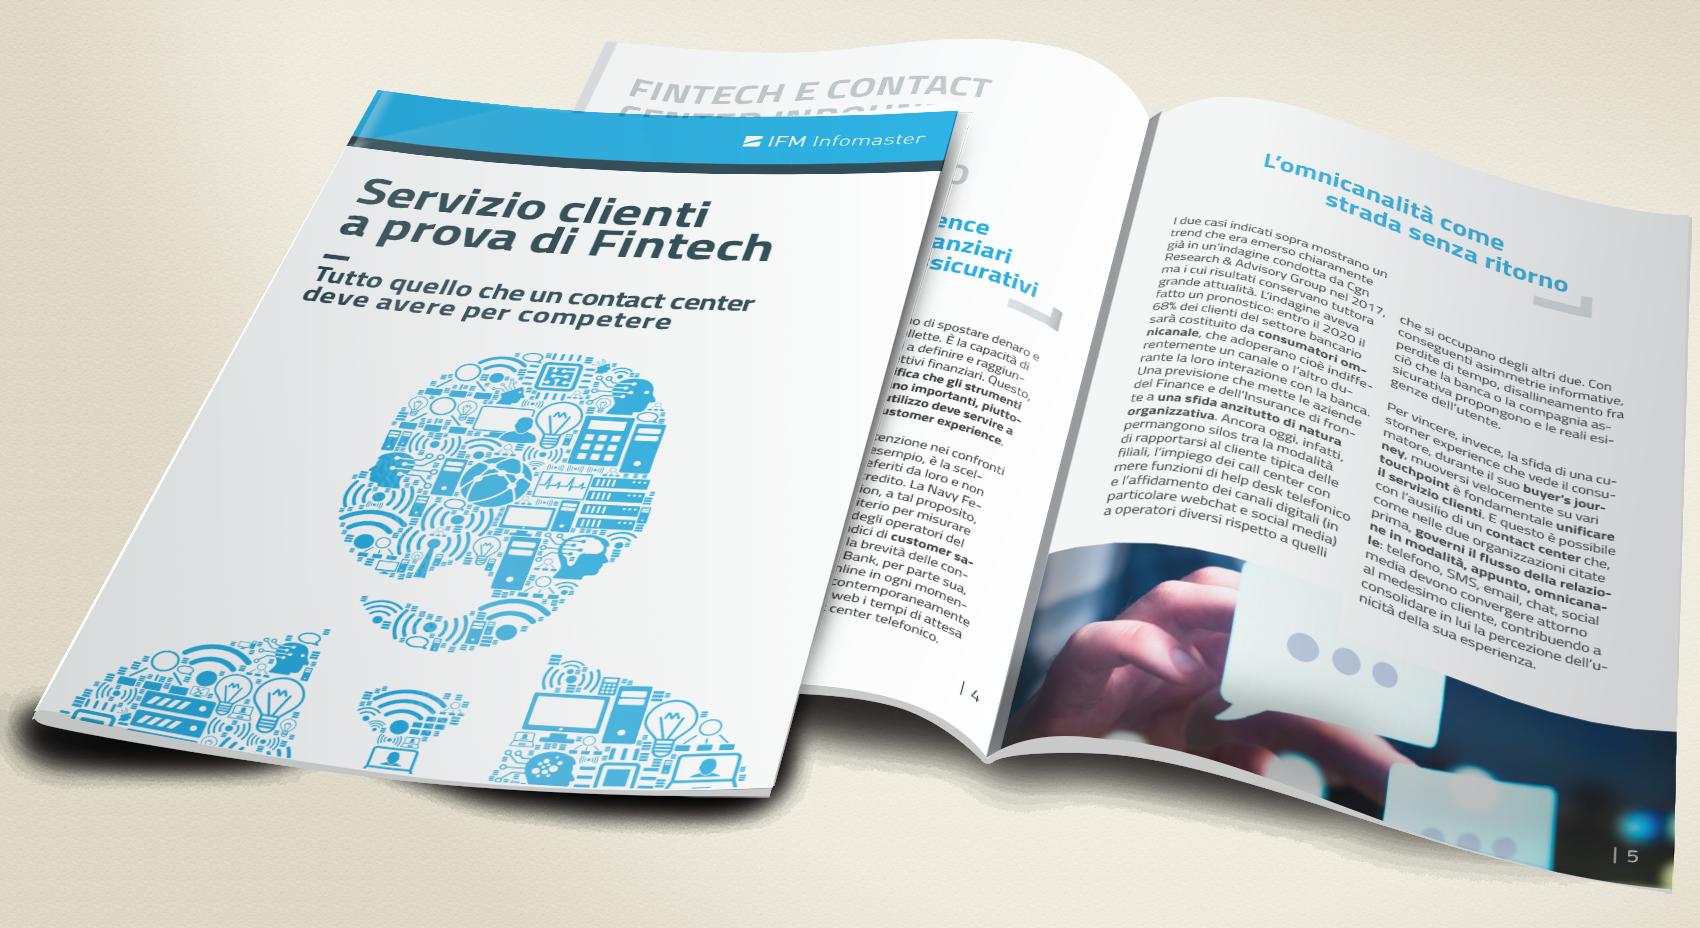 MockUp - White paper - Servizio clienti a prova di Fintech-v2[1]